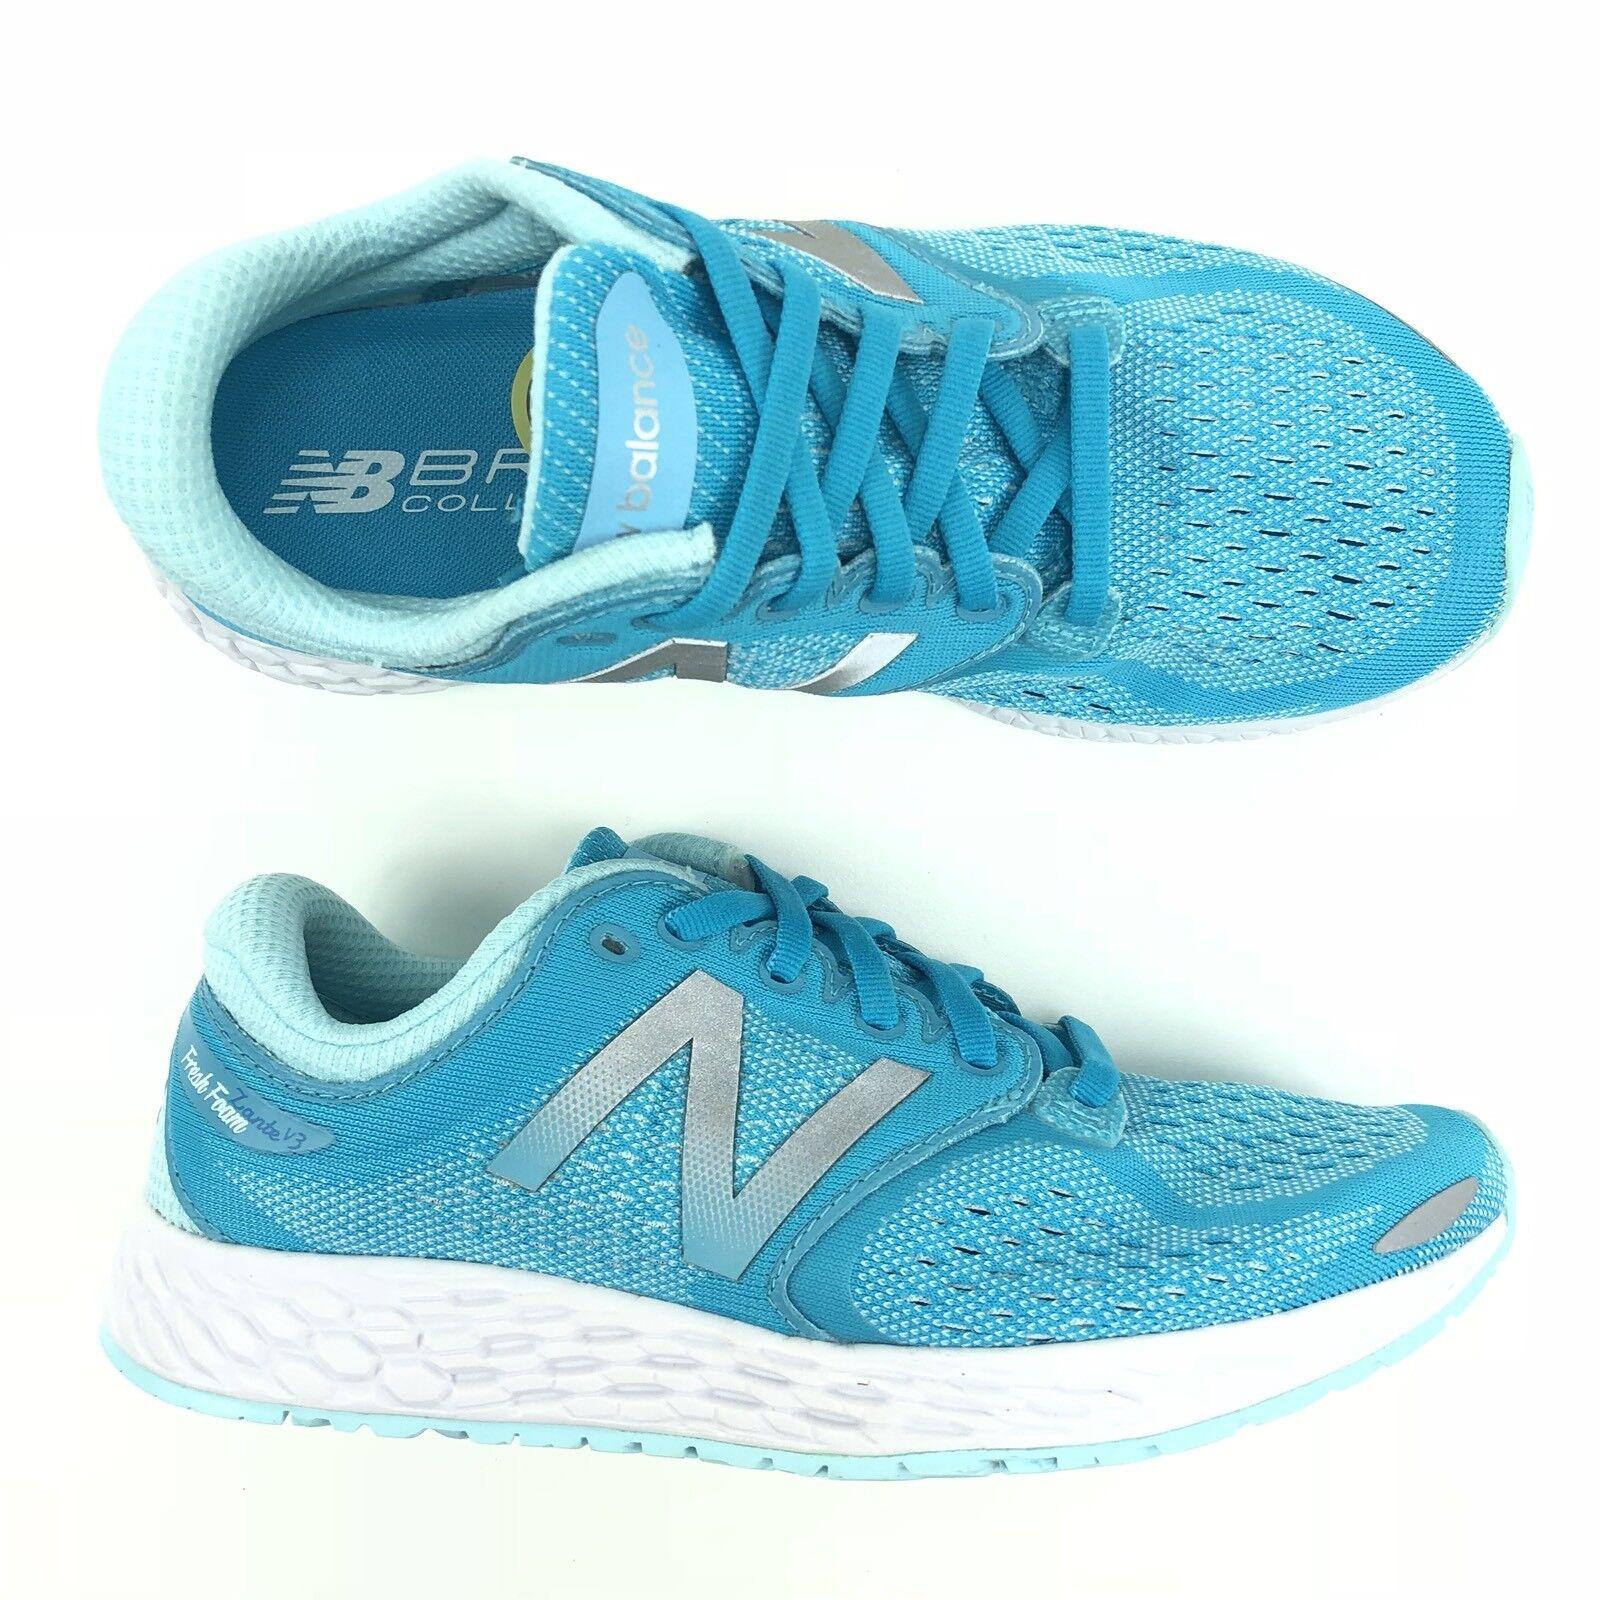 New Balance Fresh Foam Zarte V3 azul mujer calzado para correr